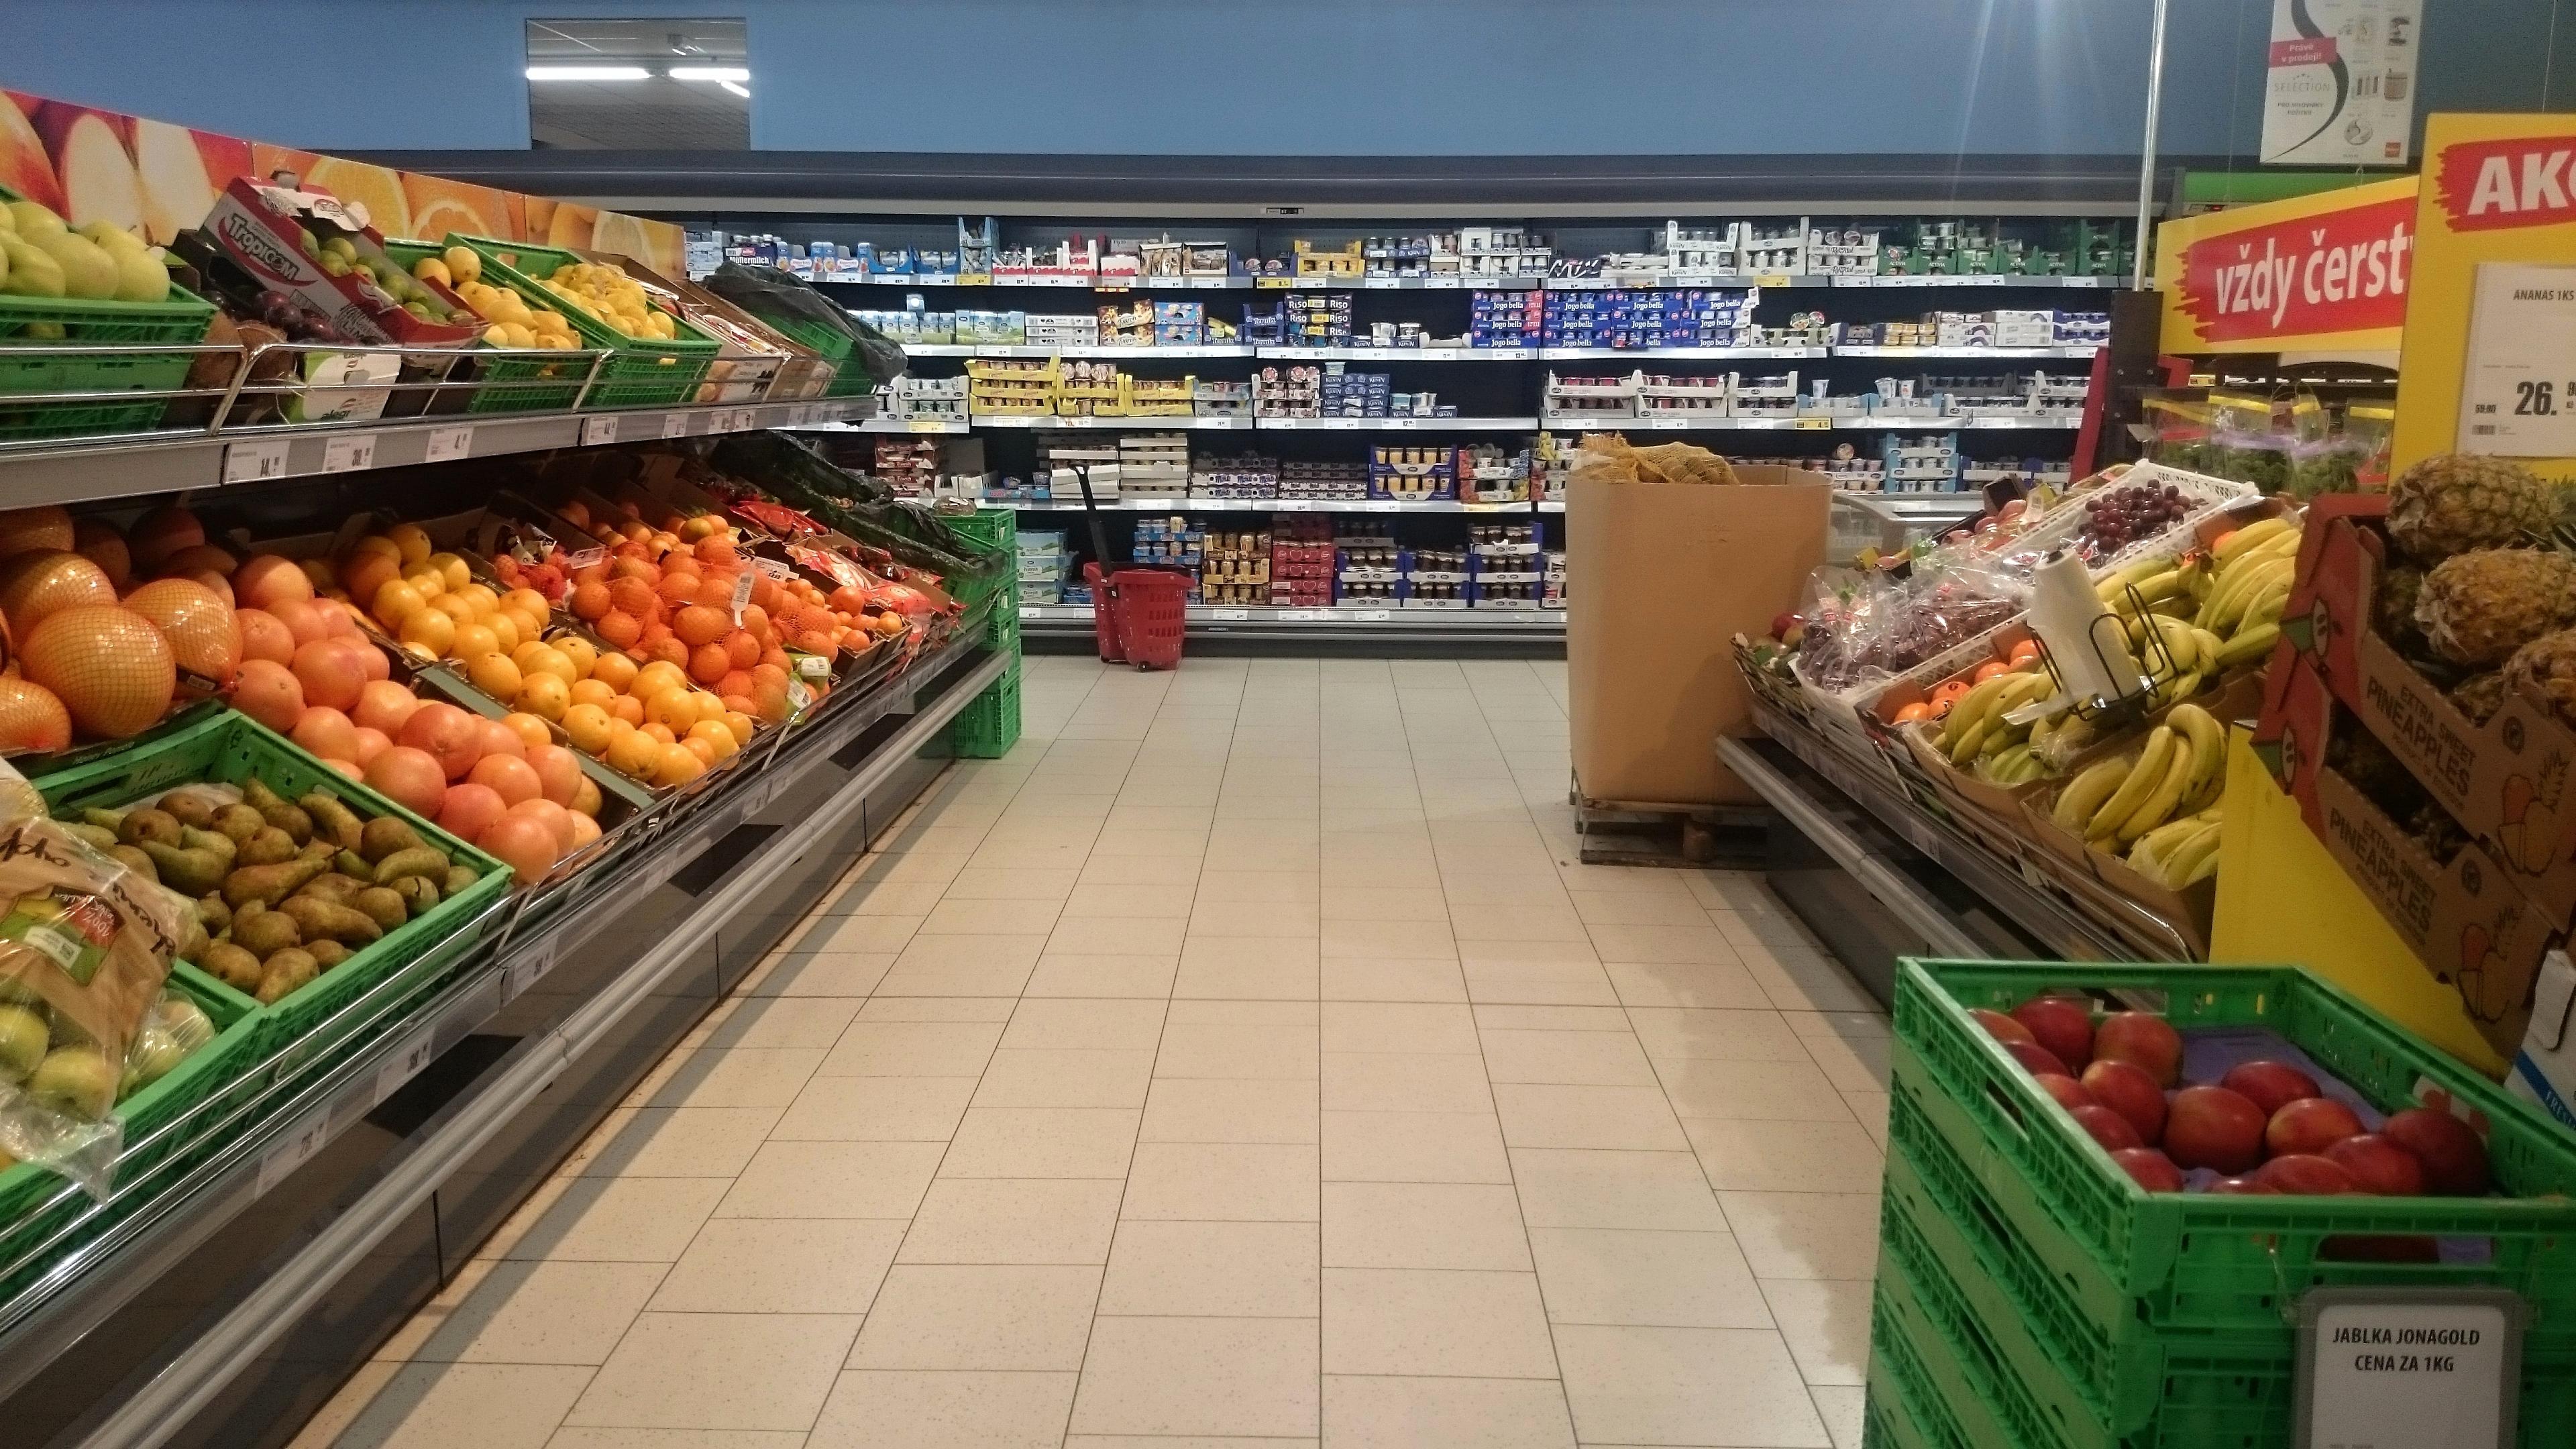 Czechy: Komisja Europejska przeciwko planowanej nowelizacji ustawy o żywności